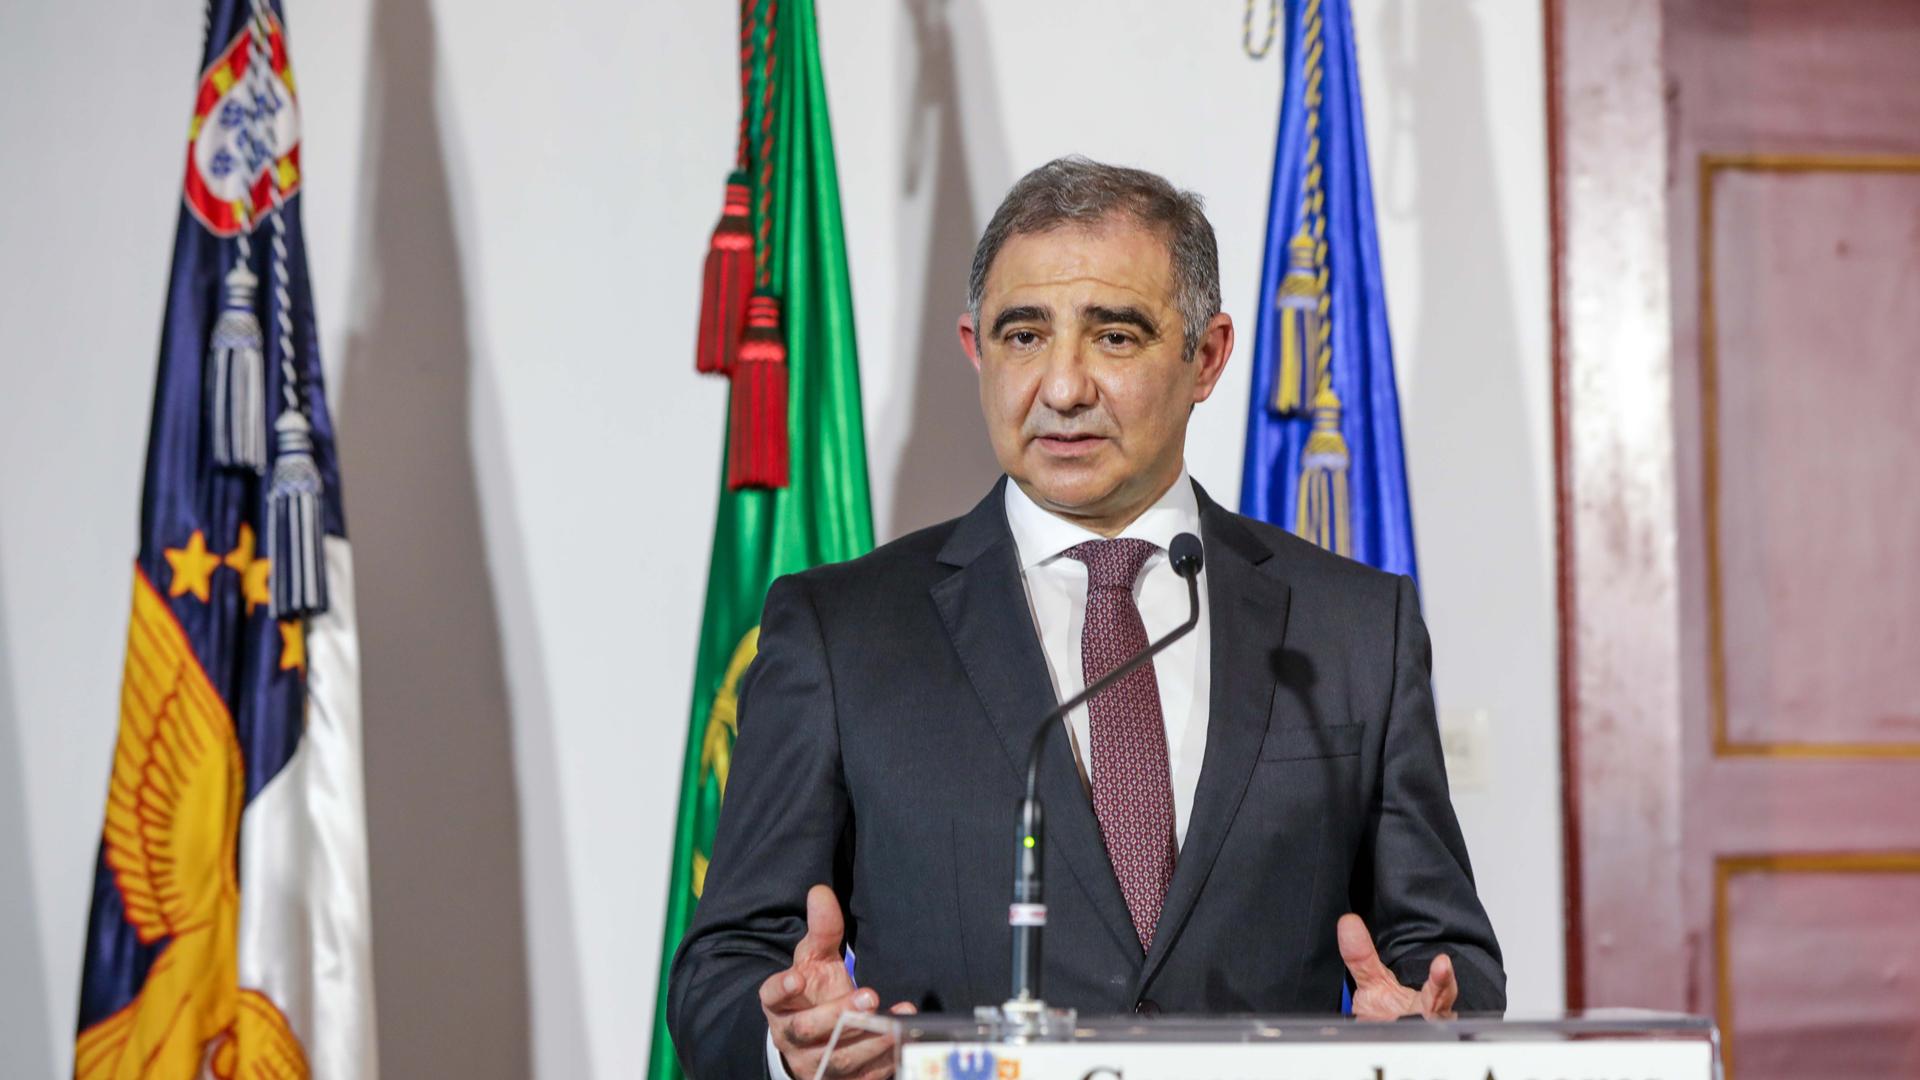 Presidente do Governo garante visitas estatutárias de proximidade e audição de pessoas e entidades